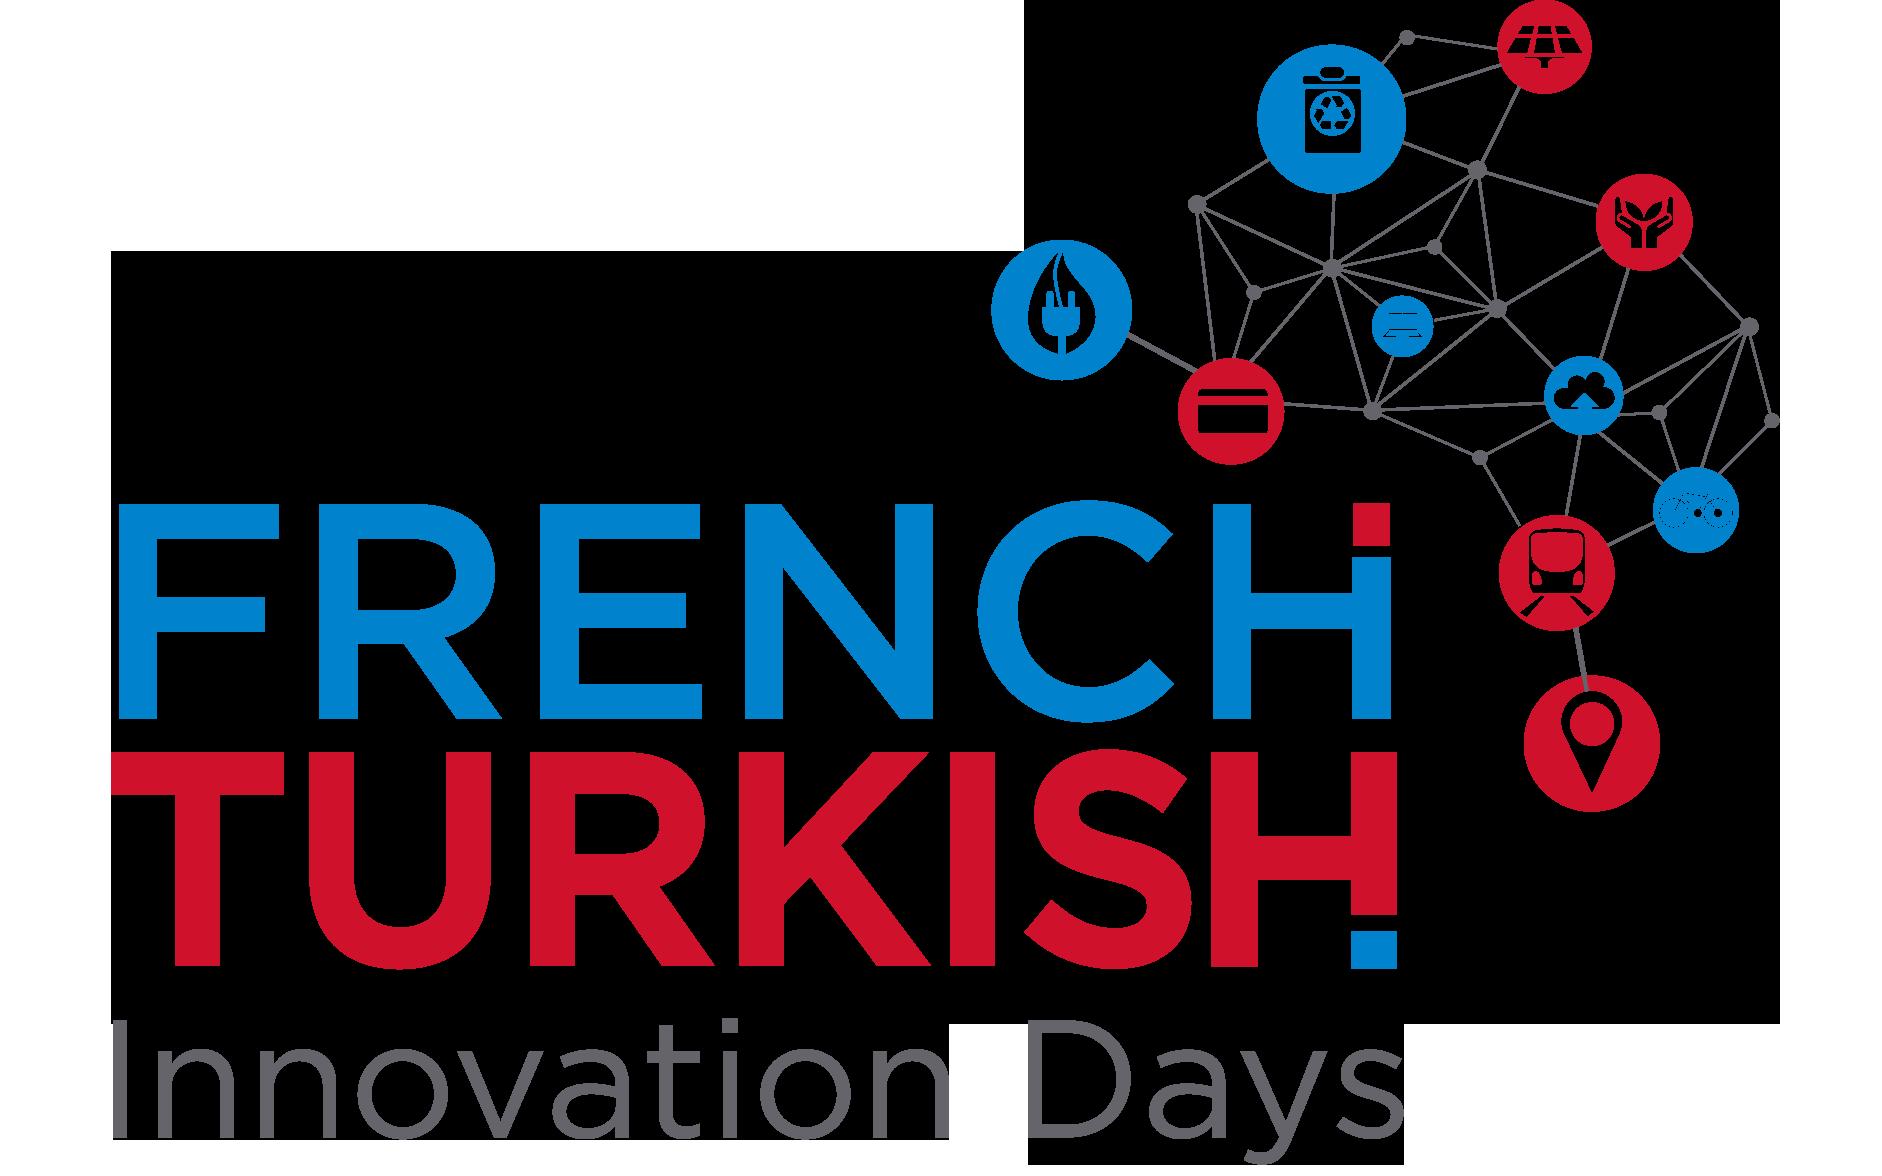 Türk – Fransız İnovasyon Günleri « Akıllı Şehirler » başlıyor!